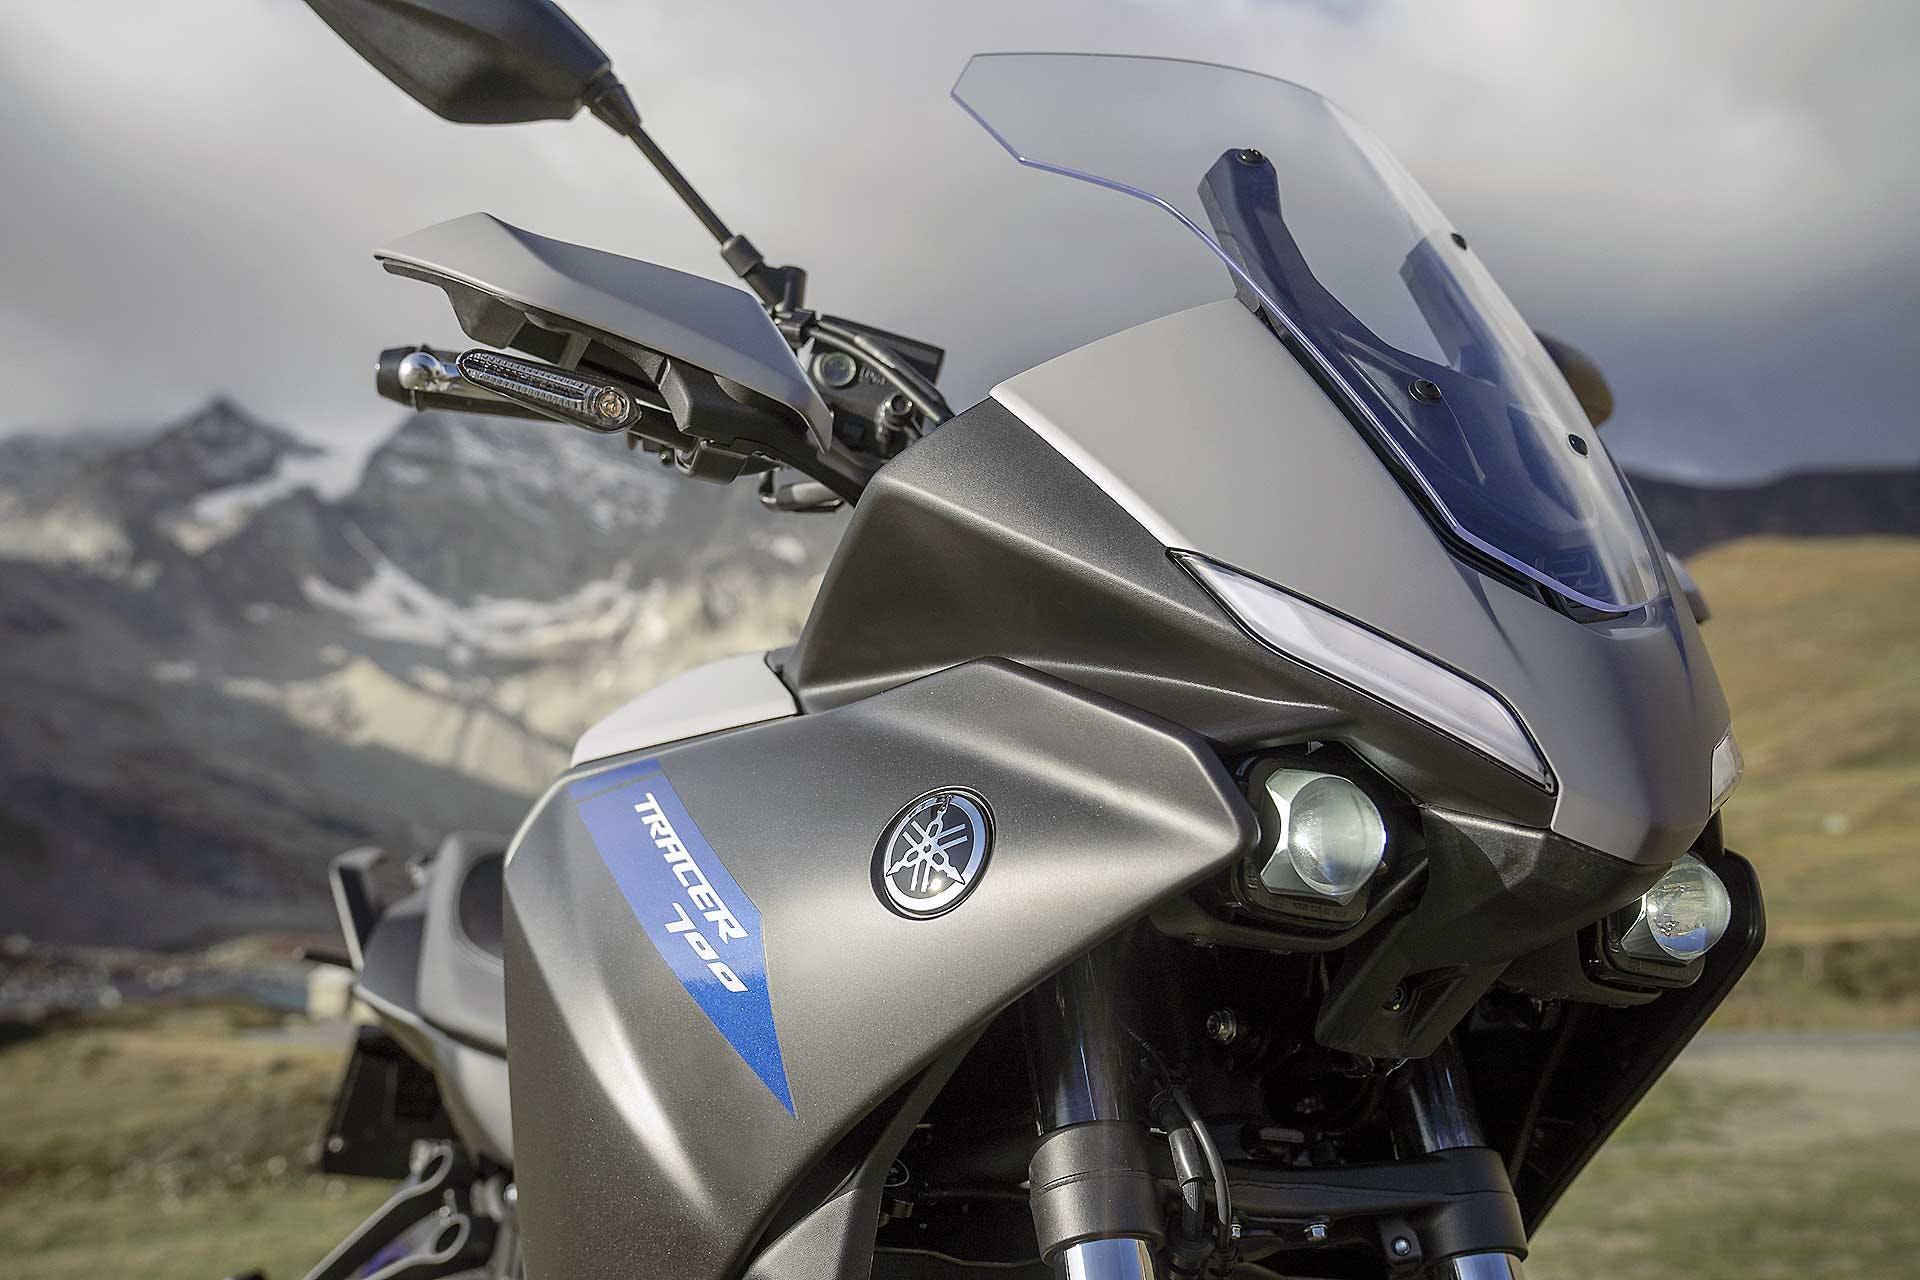 Yamaha Tracer 900 2020 particolare frontale con fari piccoli